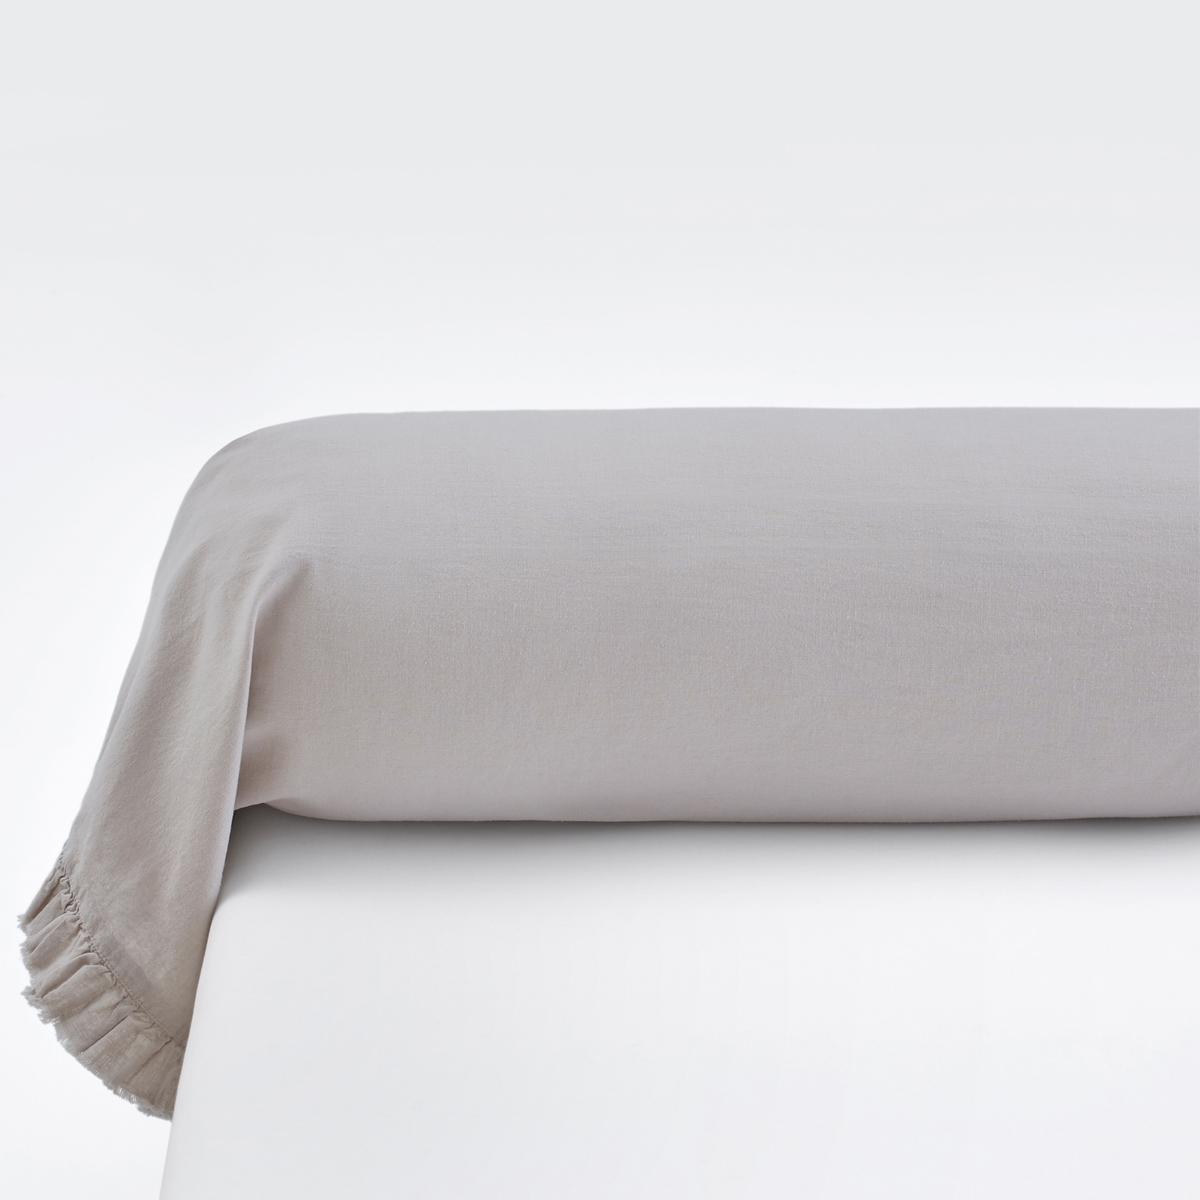 Наволочка однотонная на подушку-валик, из льна и хлопка , NILLOWНаволочка на подушку-валик Nillow качество Qualit? Best. Благородный и элегантный материал из льна и хлопка в нежных и теплых тонах. Очарование и сияющая красота постельного белья Nillow.Характеристики наволочкиNillow :Смесовый материал: 60% льна, 40% хлопка : мягкая и элегантная ткань из льна и хлопка с легким жатым эффектом проста в уходе.Отделка бахромой по краямСтирать при 40°, можно не гладить.Весь комплект постельного белья Nillow Вы найдете на laredoute.ruЗнак Oeko-Tex® гарантирует, что товары прошли проверку и были изготовлены без применения вредных для здоровья человека веществ.ХарактеристикиРазмеры :85 x 185 см : наволочка на подушку-валик<br><br>Цвет: бежевый,серо-голубой<br>Размер: 85 x 185 см